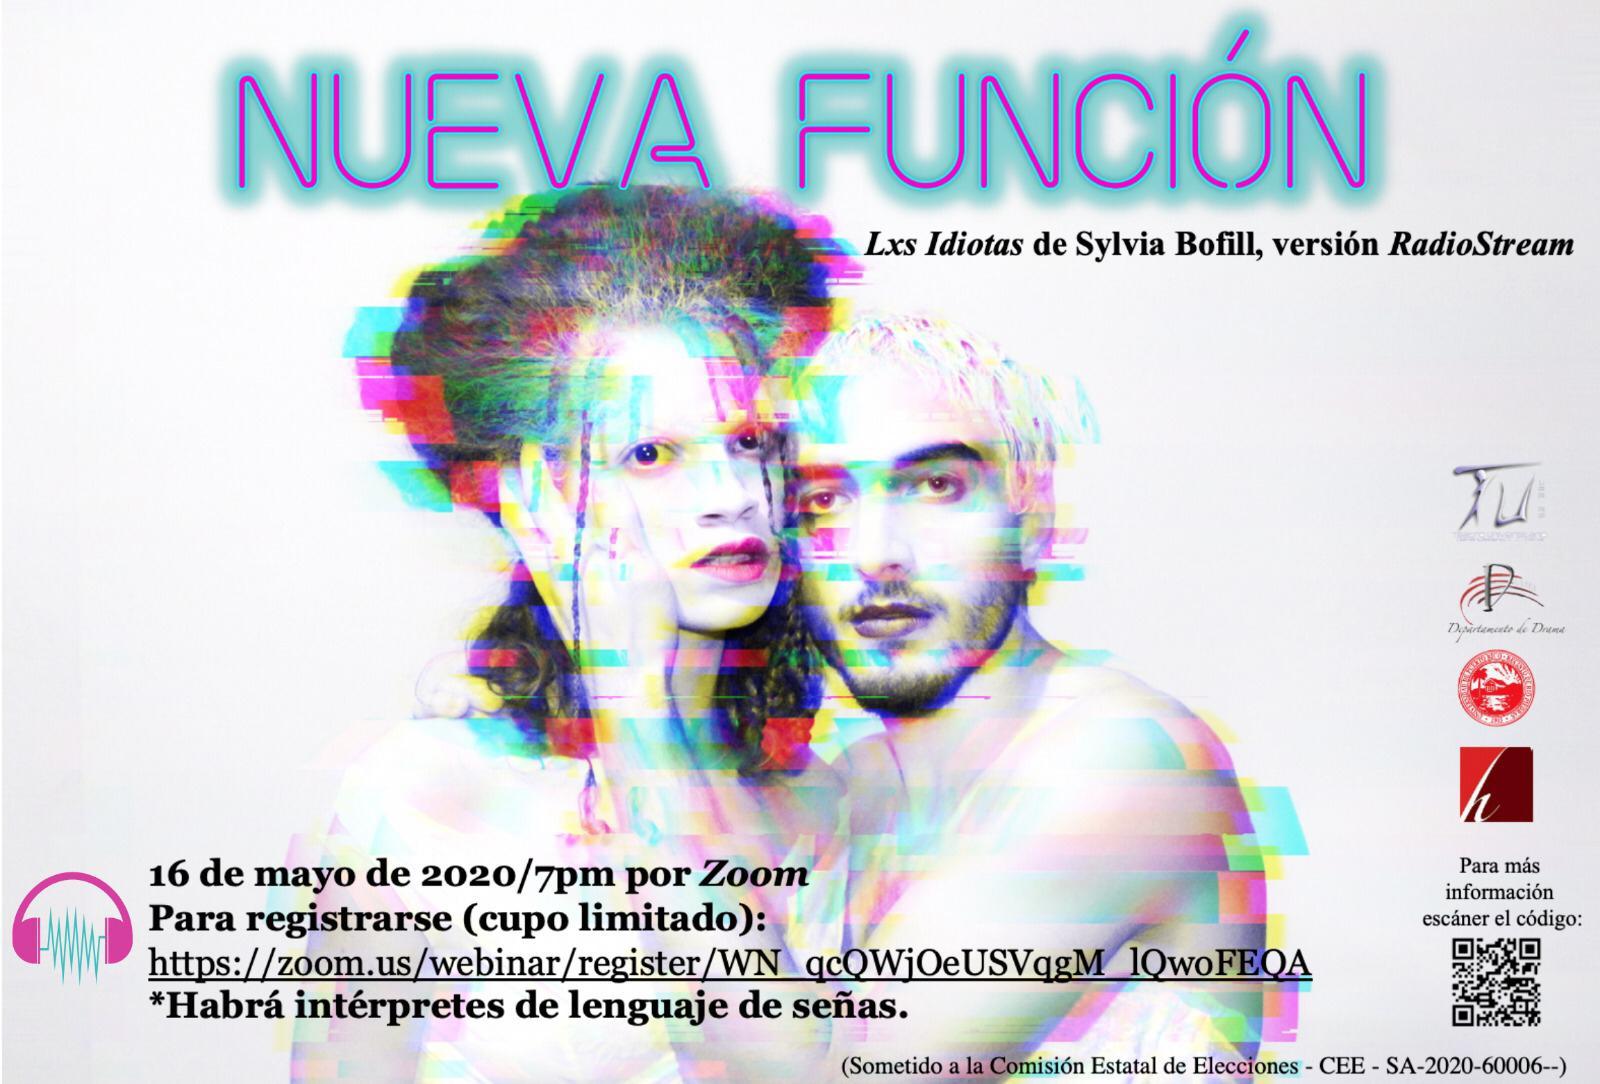 Nueva Función: Lxs Idiotas de Sylvia Bofill, version RadioStream @ https://zoom.us/webinar/register/WN_qcQWjOeUSVqgM_lQwoFEQA